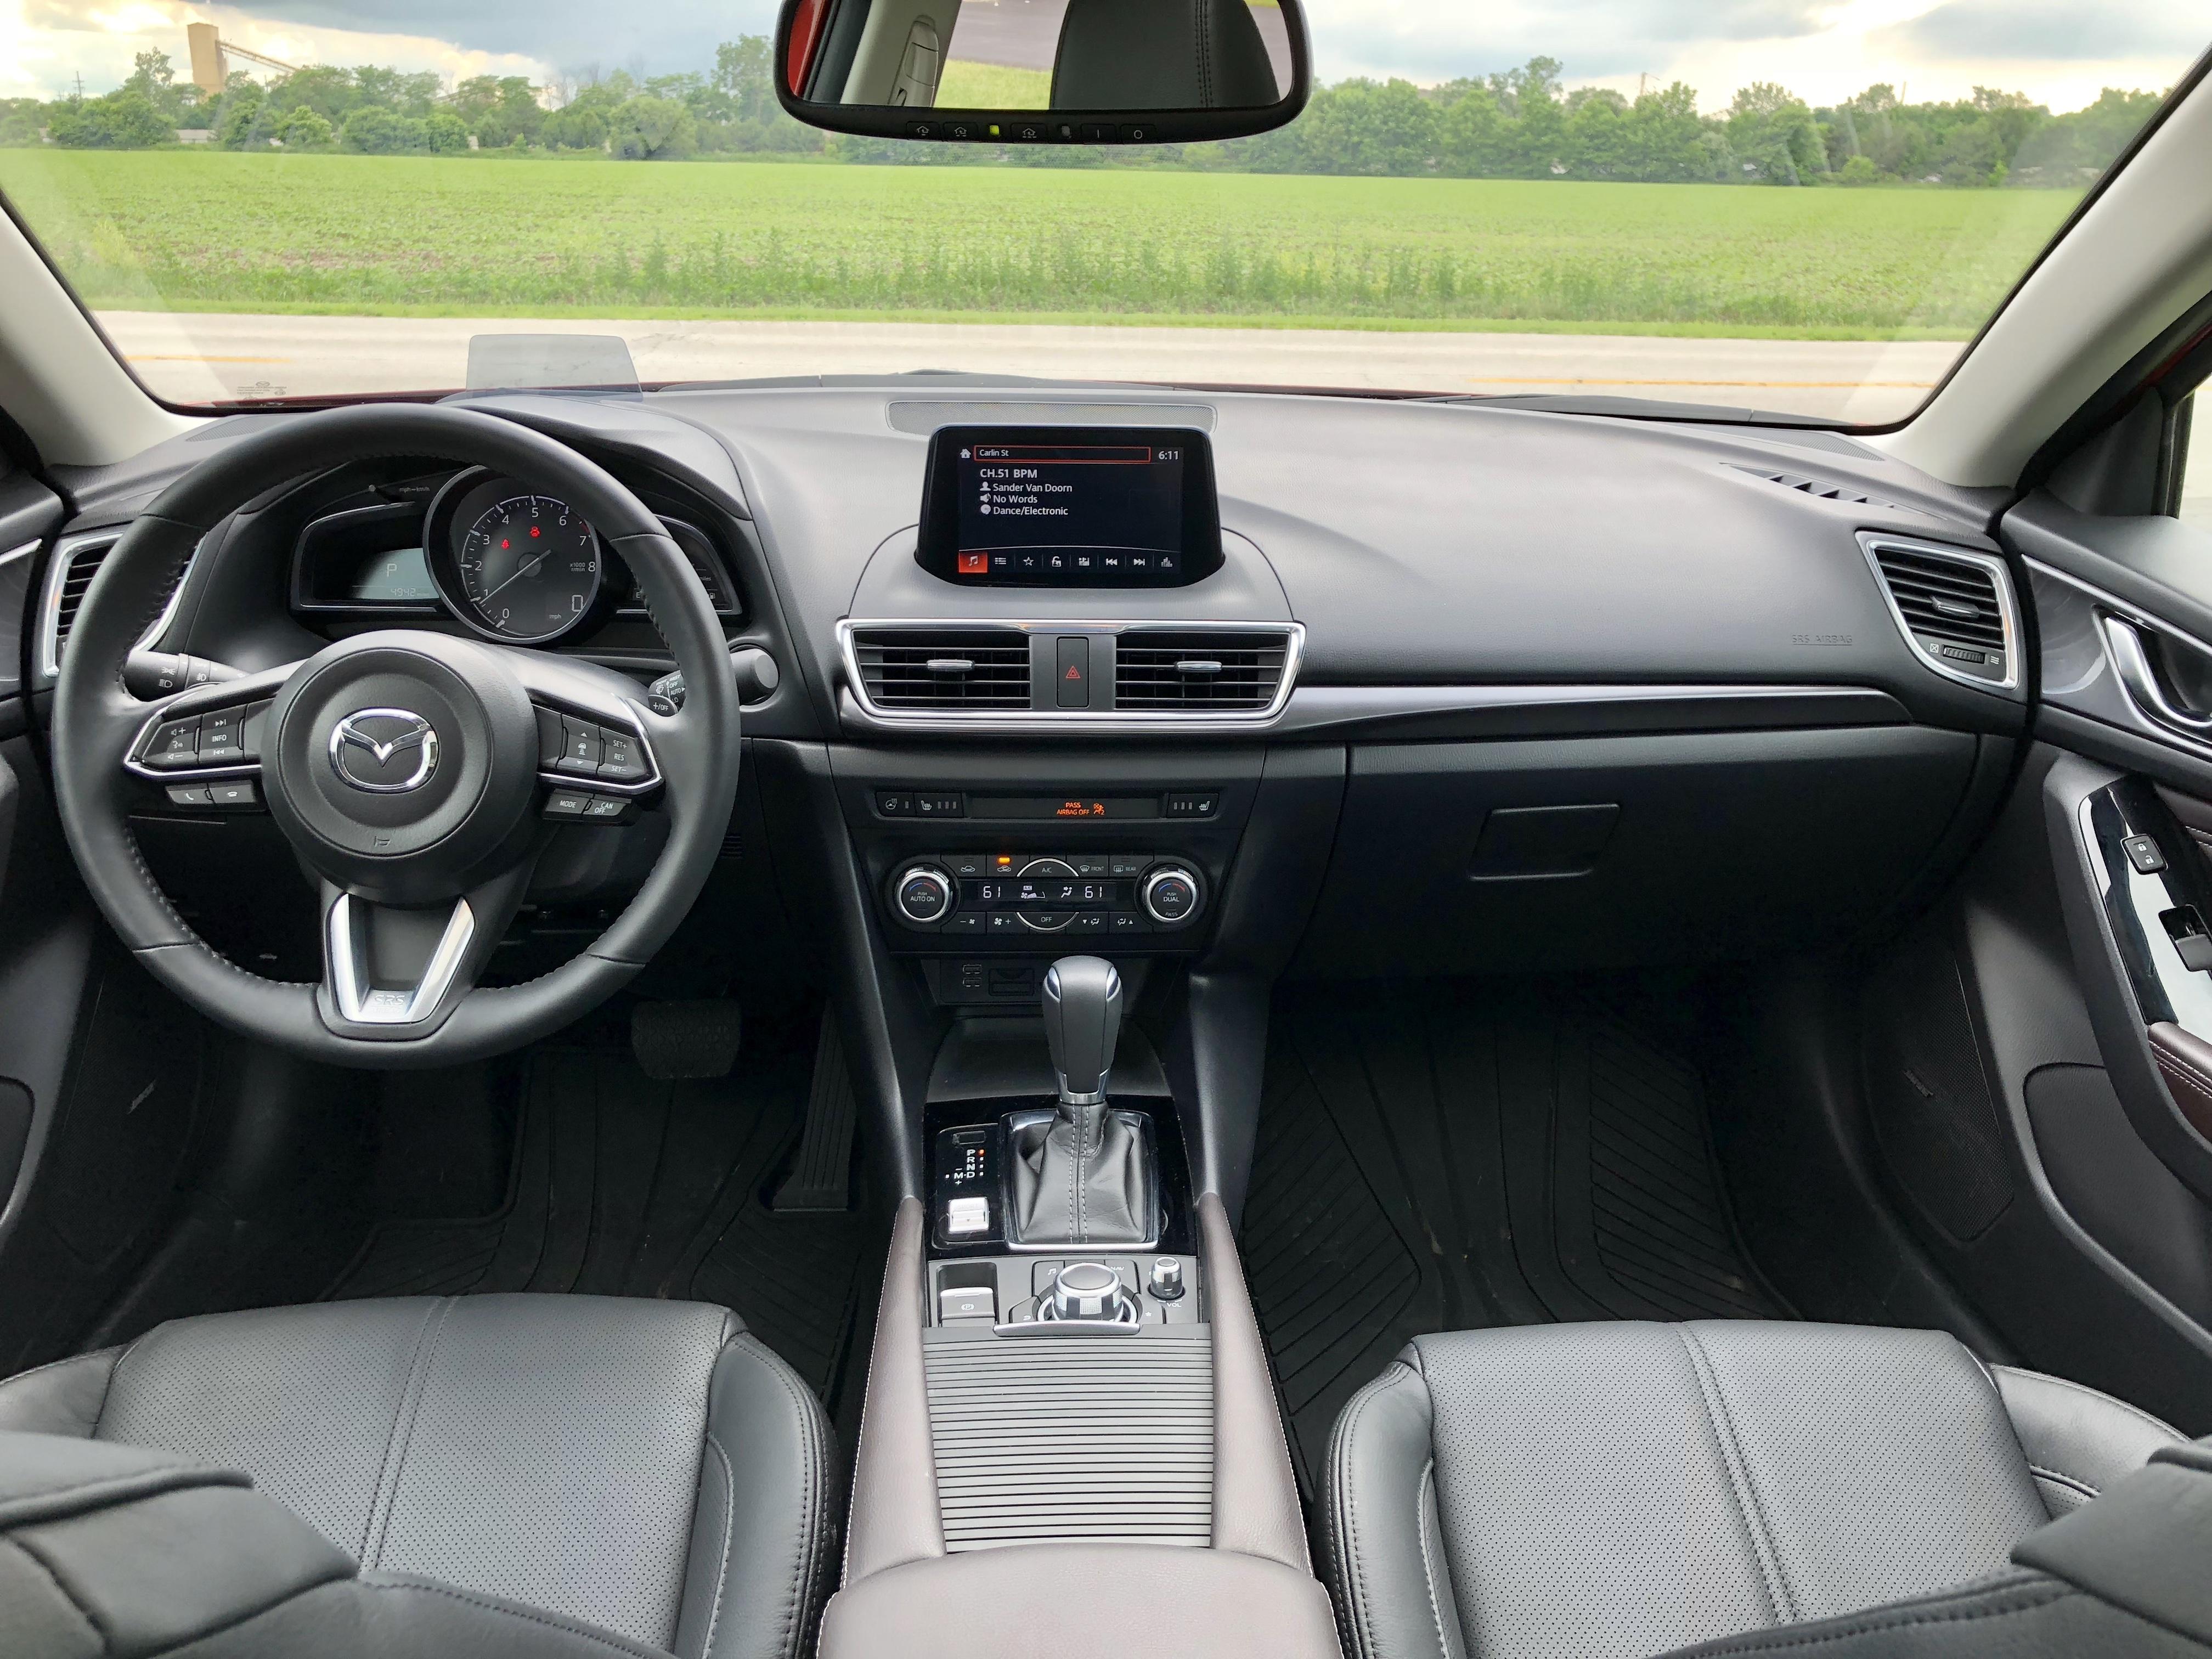 2018 Mazda 3 Review Rh Gottabemobile Com 2016 Mazda 6 Manual Transmission Review  2006 Mazda 6